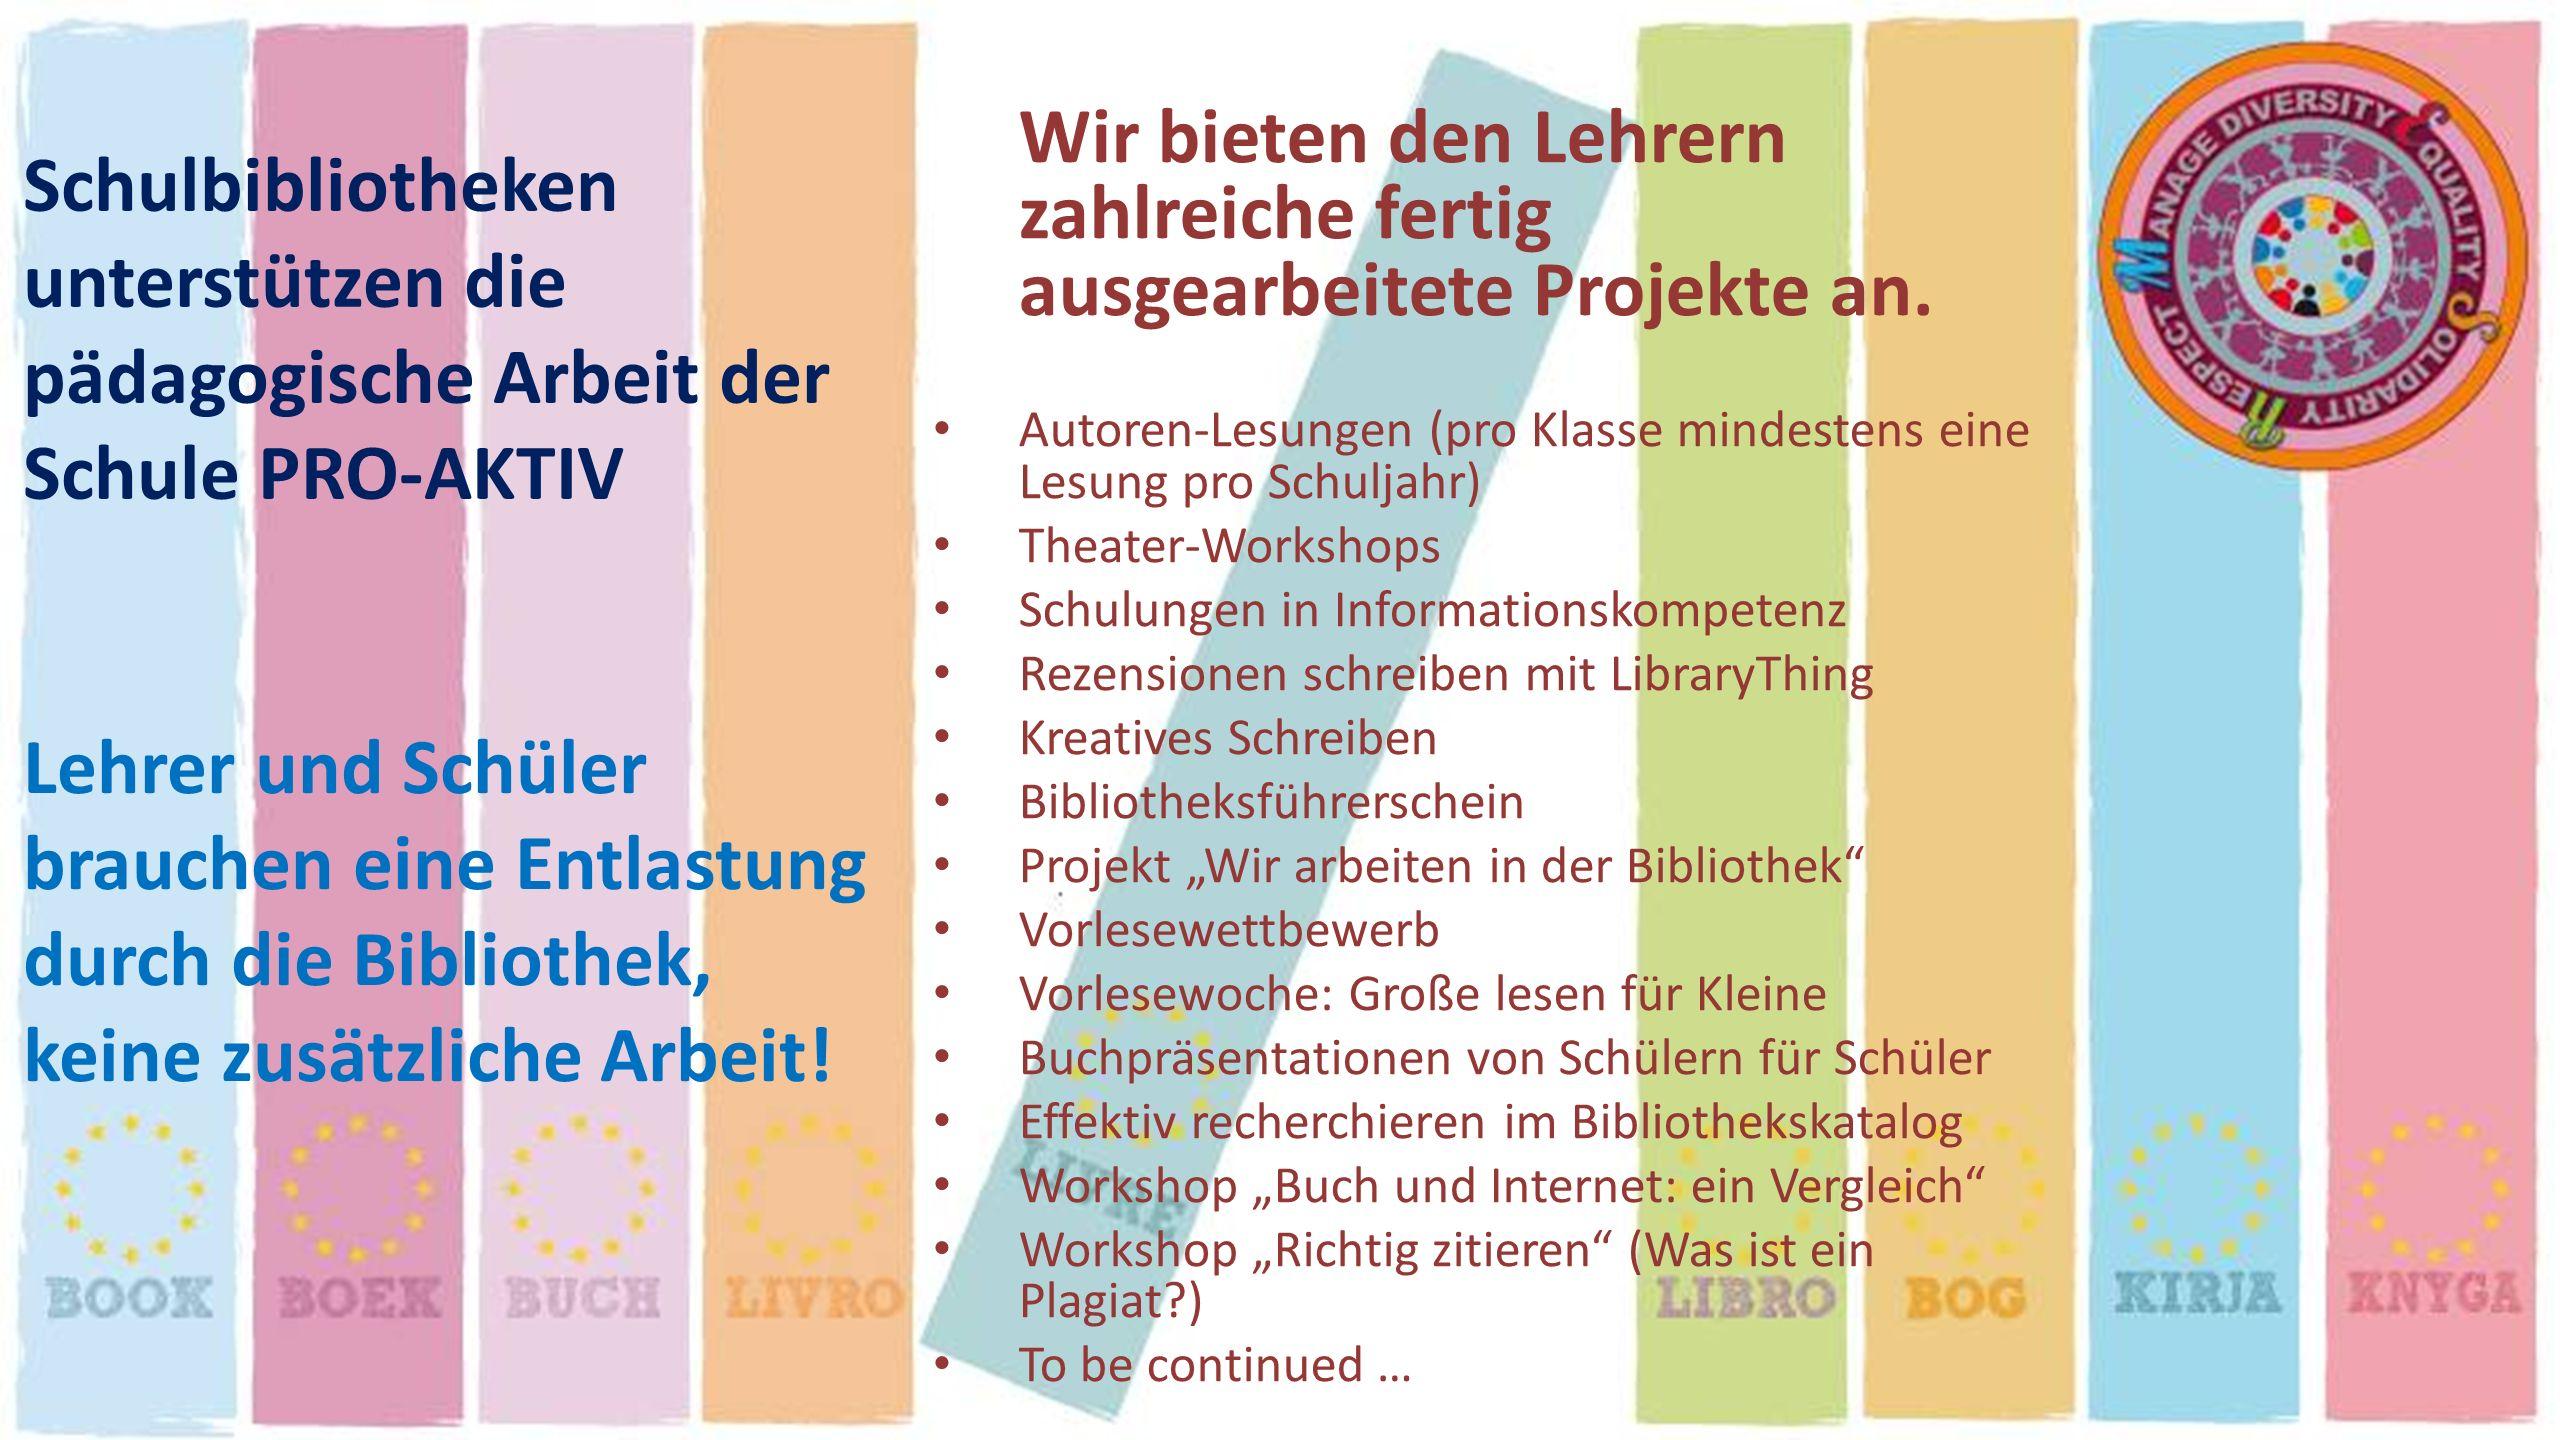 Schulbibliotheken unterstützen die pädagogische Arbeit der Schule PRO-AKTIV Wir bieten den Lehrern zahlreiche fertig ausgearbeitete Projekte an. Autor